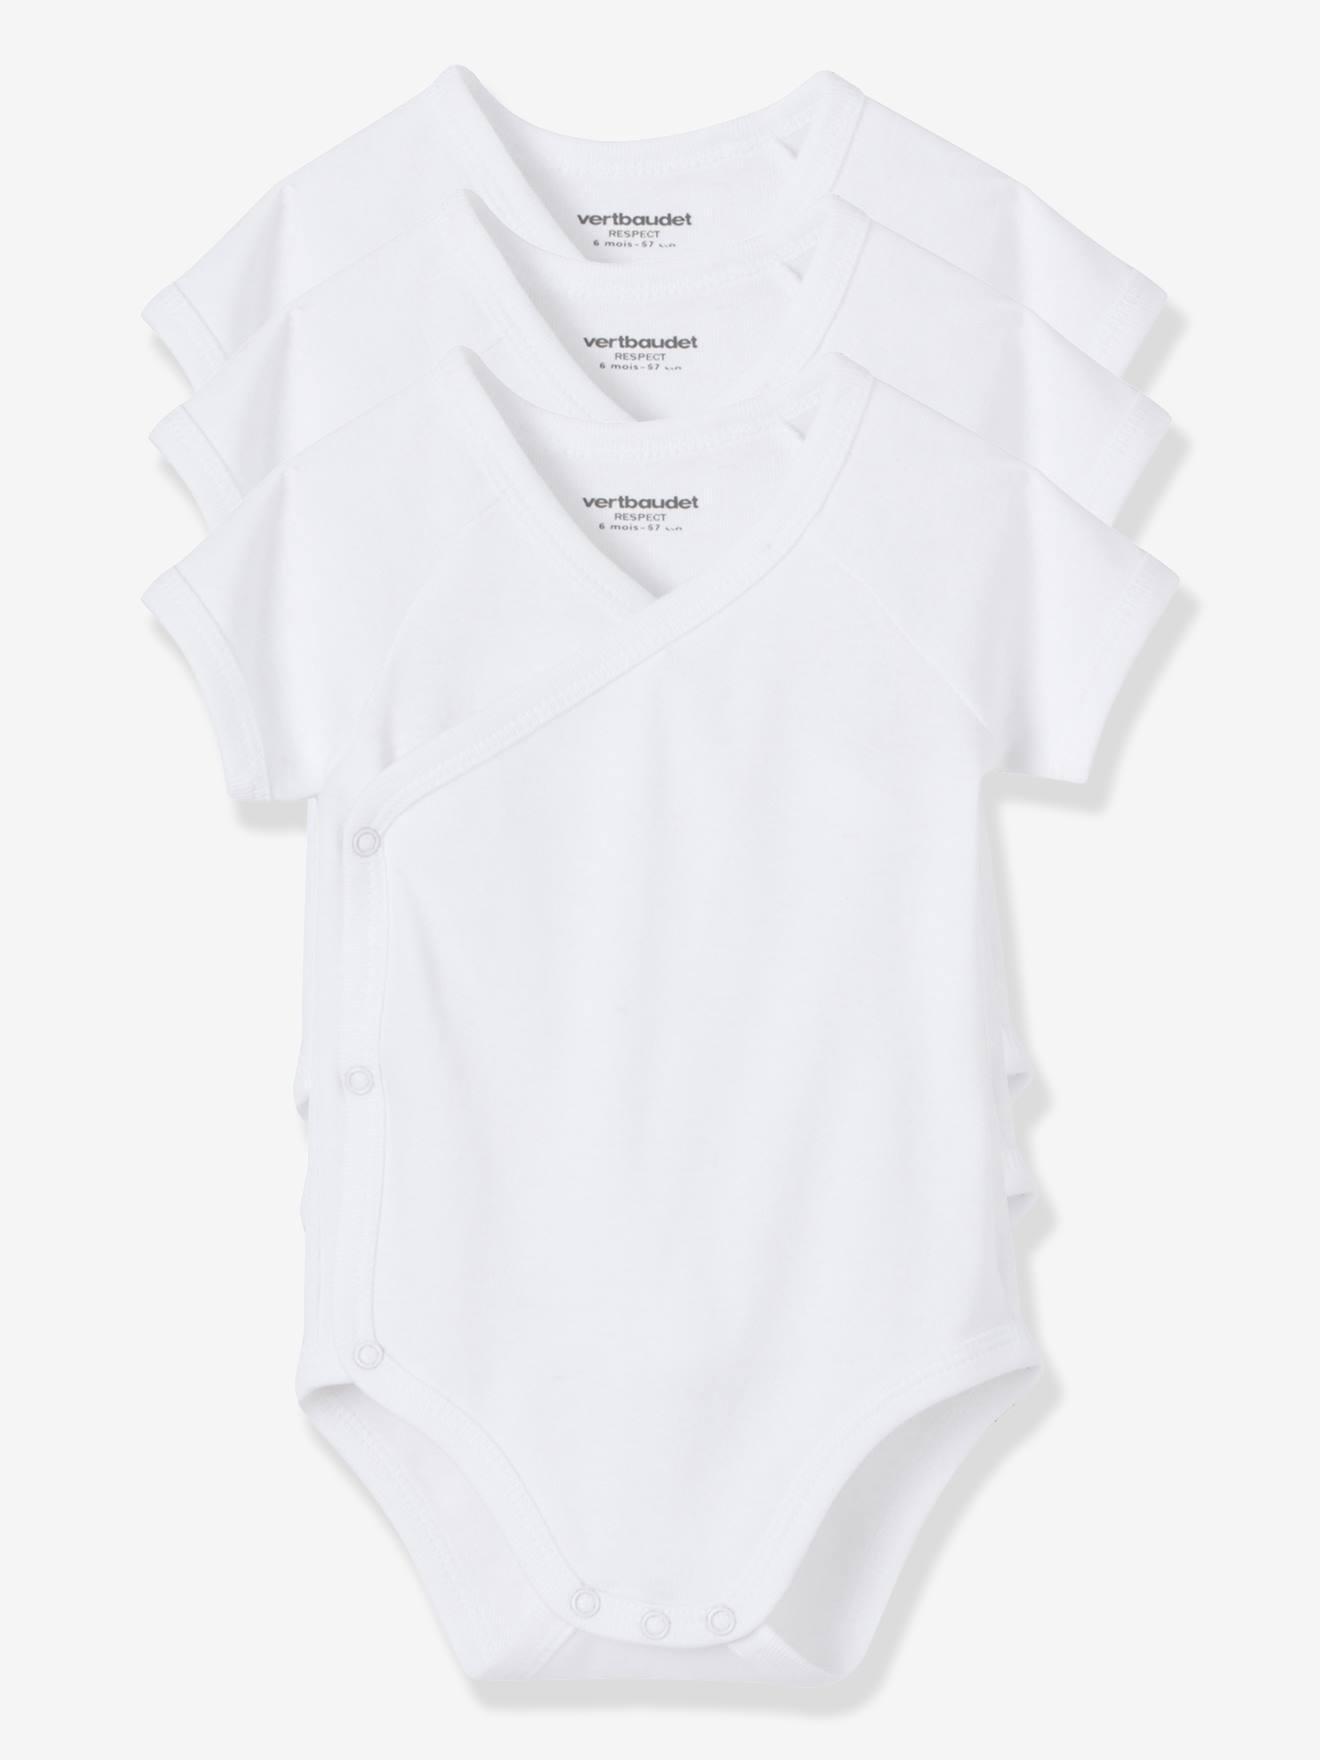 Lot de 3 bodies Bio Collection naissance manches courtes blanc blanc vertbaudet